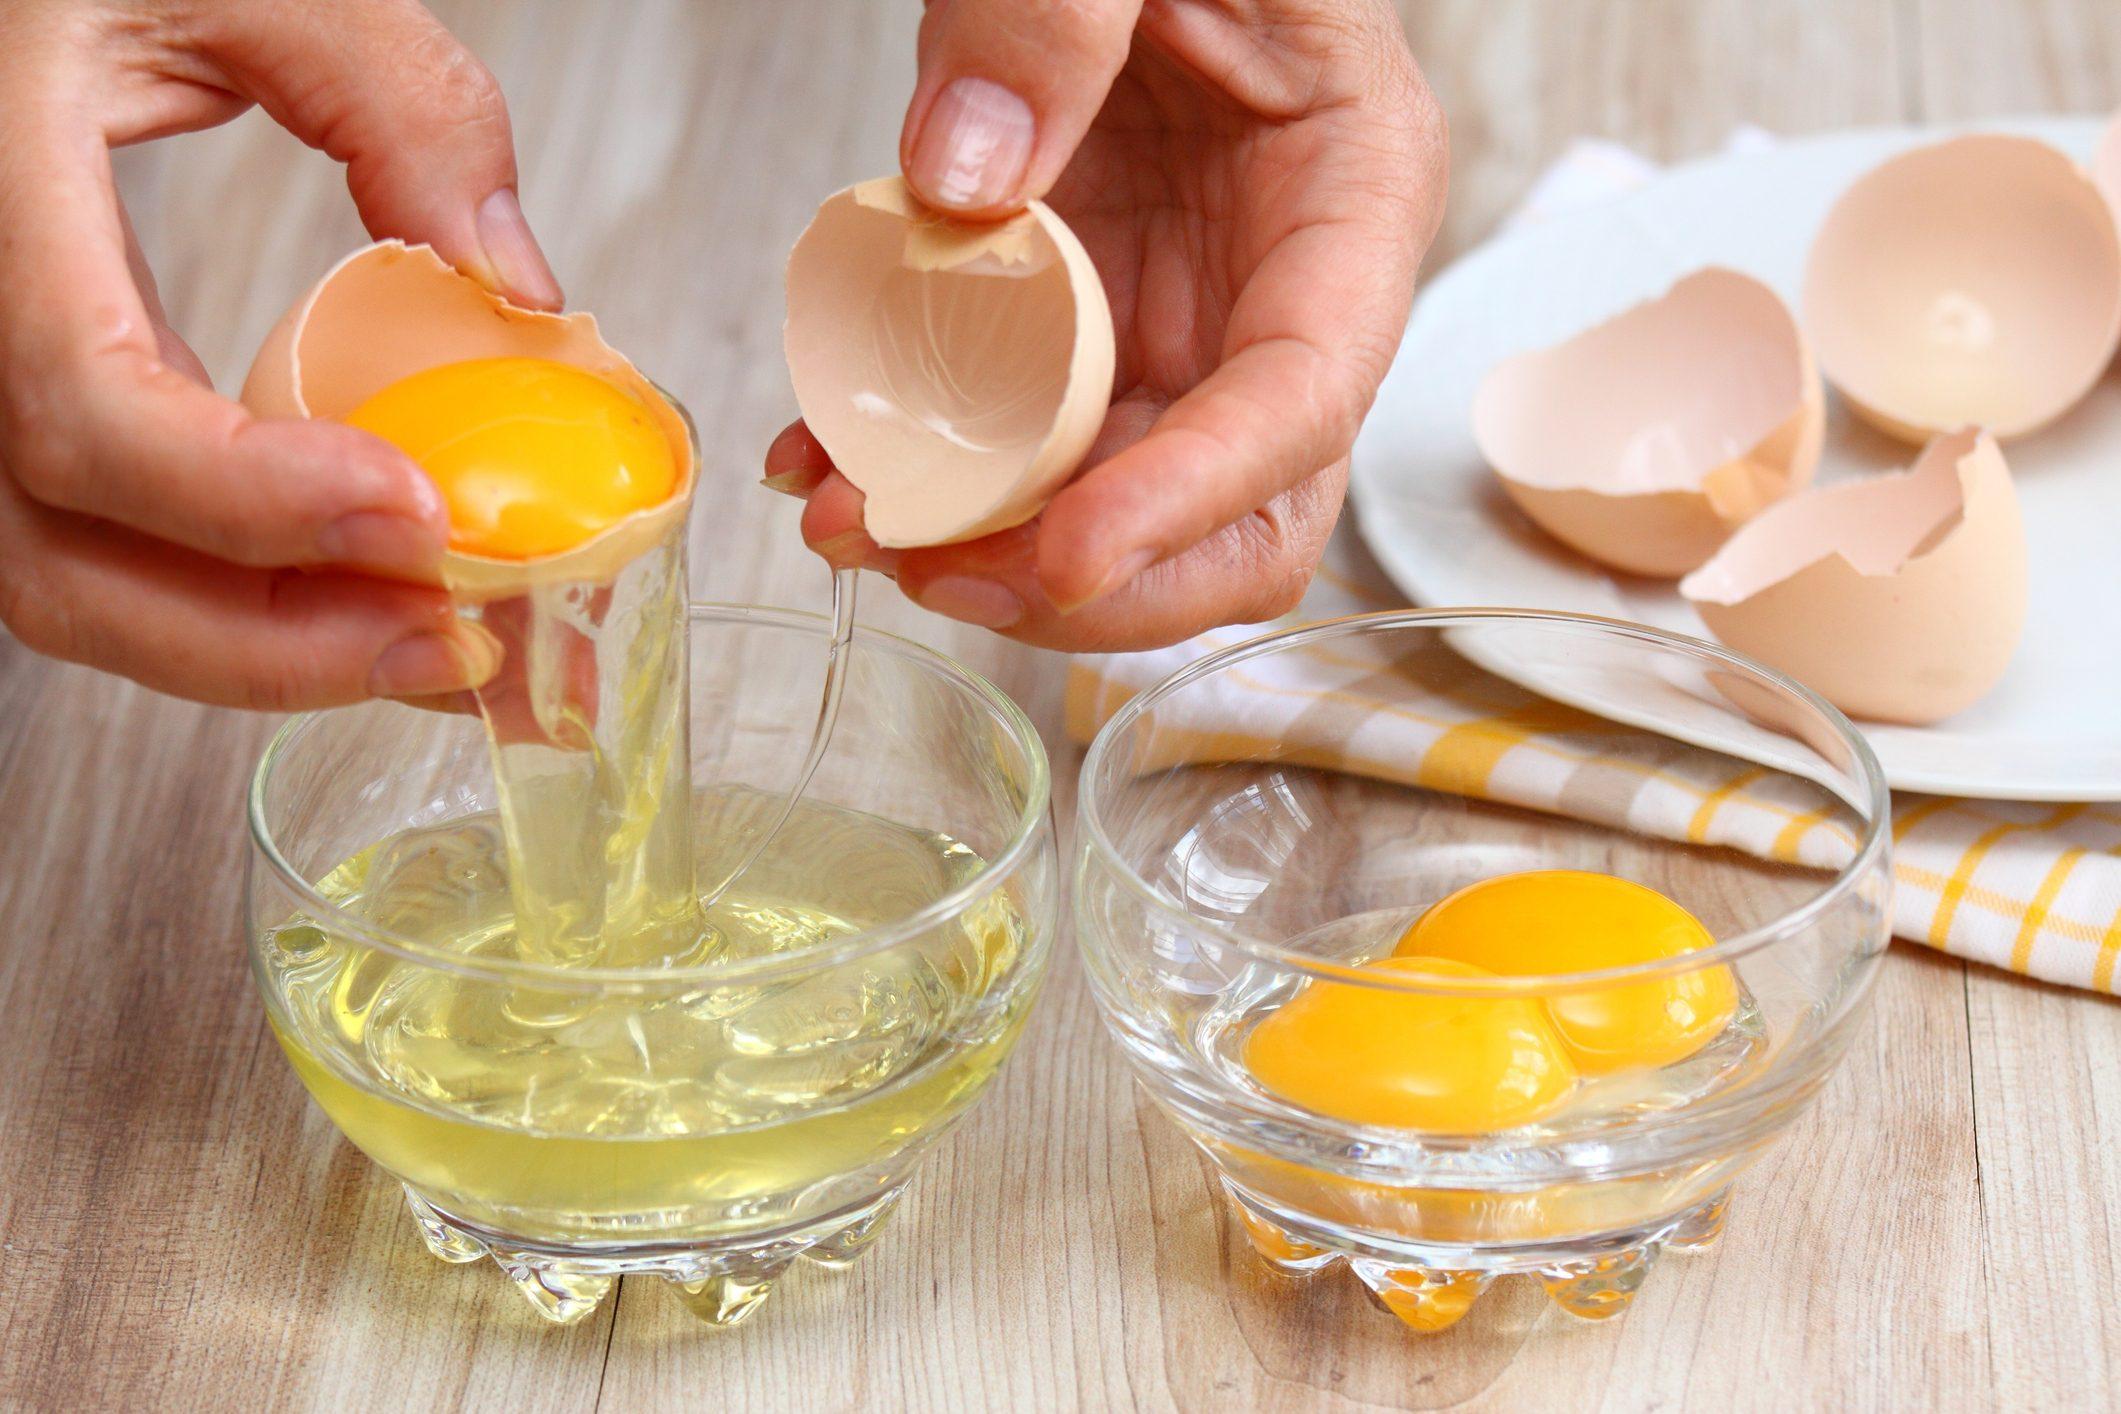 Lòng trắng trứng giúp trị rạn da sau sinh